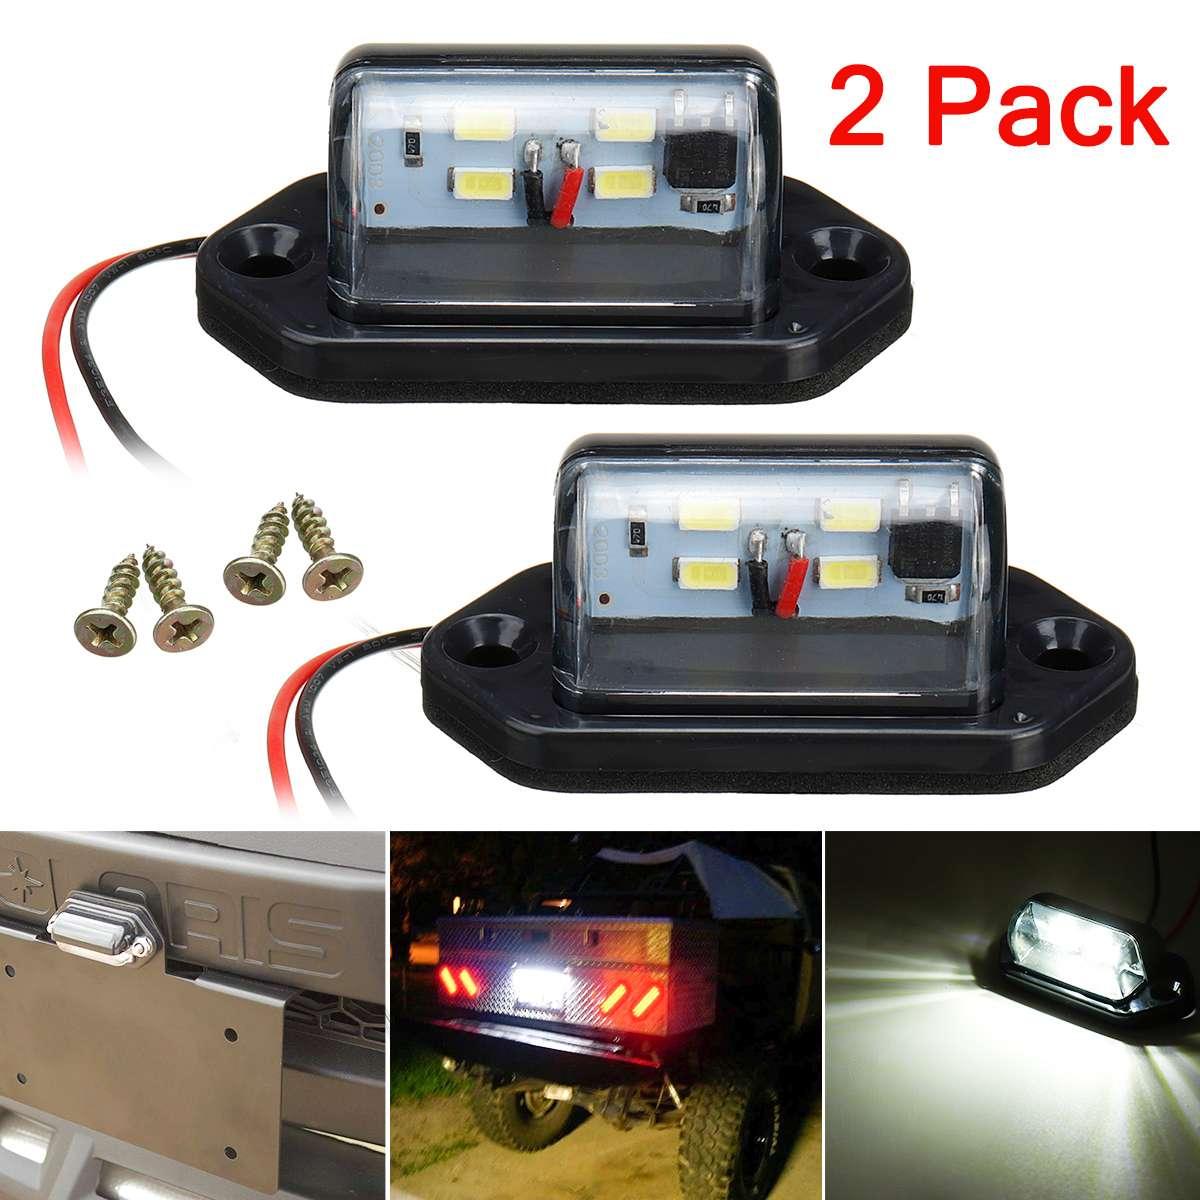 Светодиодный светильник для номерного знака автомобиля, грузовика, заднего фонаря, прицепа, лодки, RV, 2 шт., 12 В, 24 В, 4 дюйма